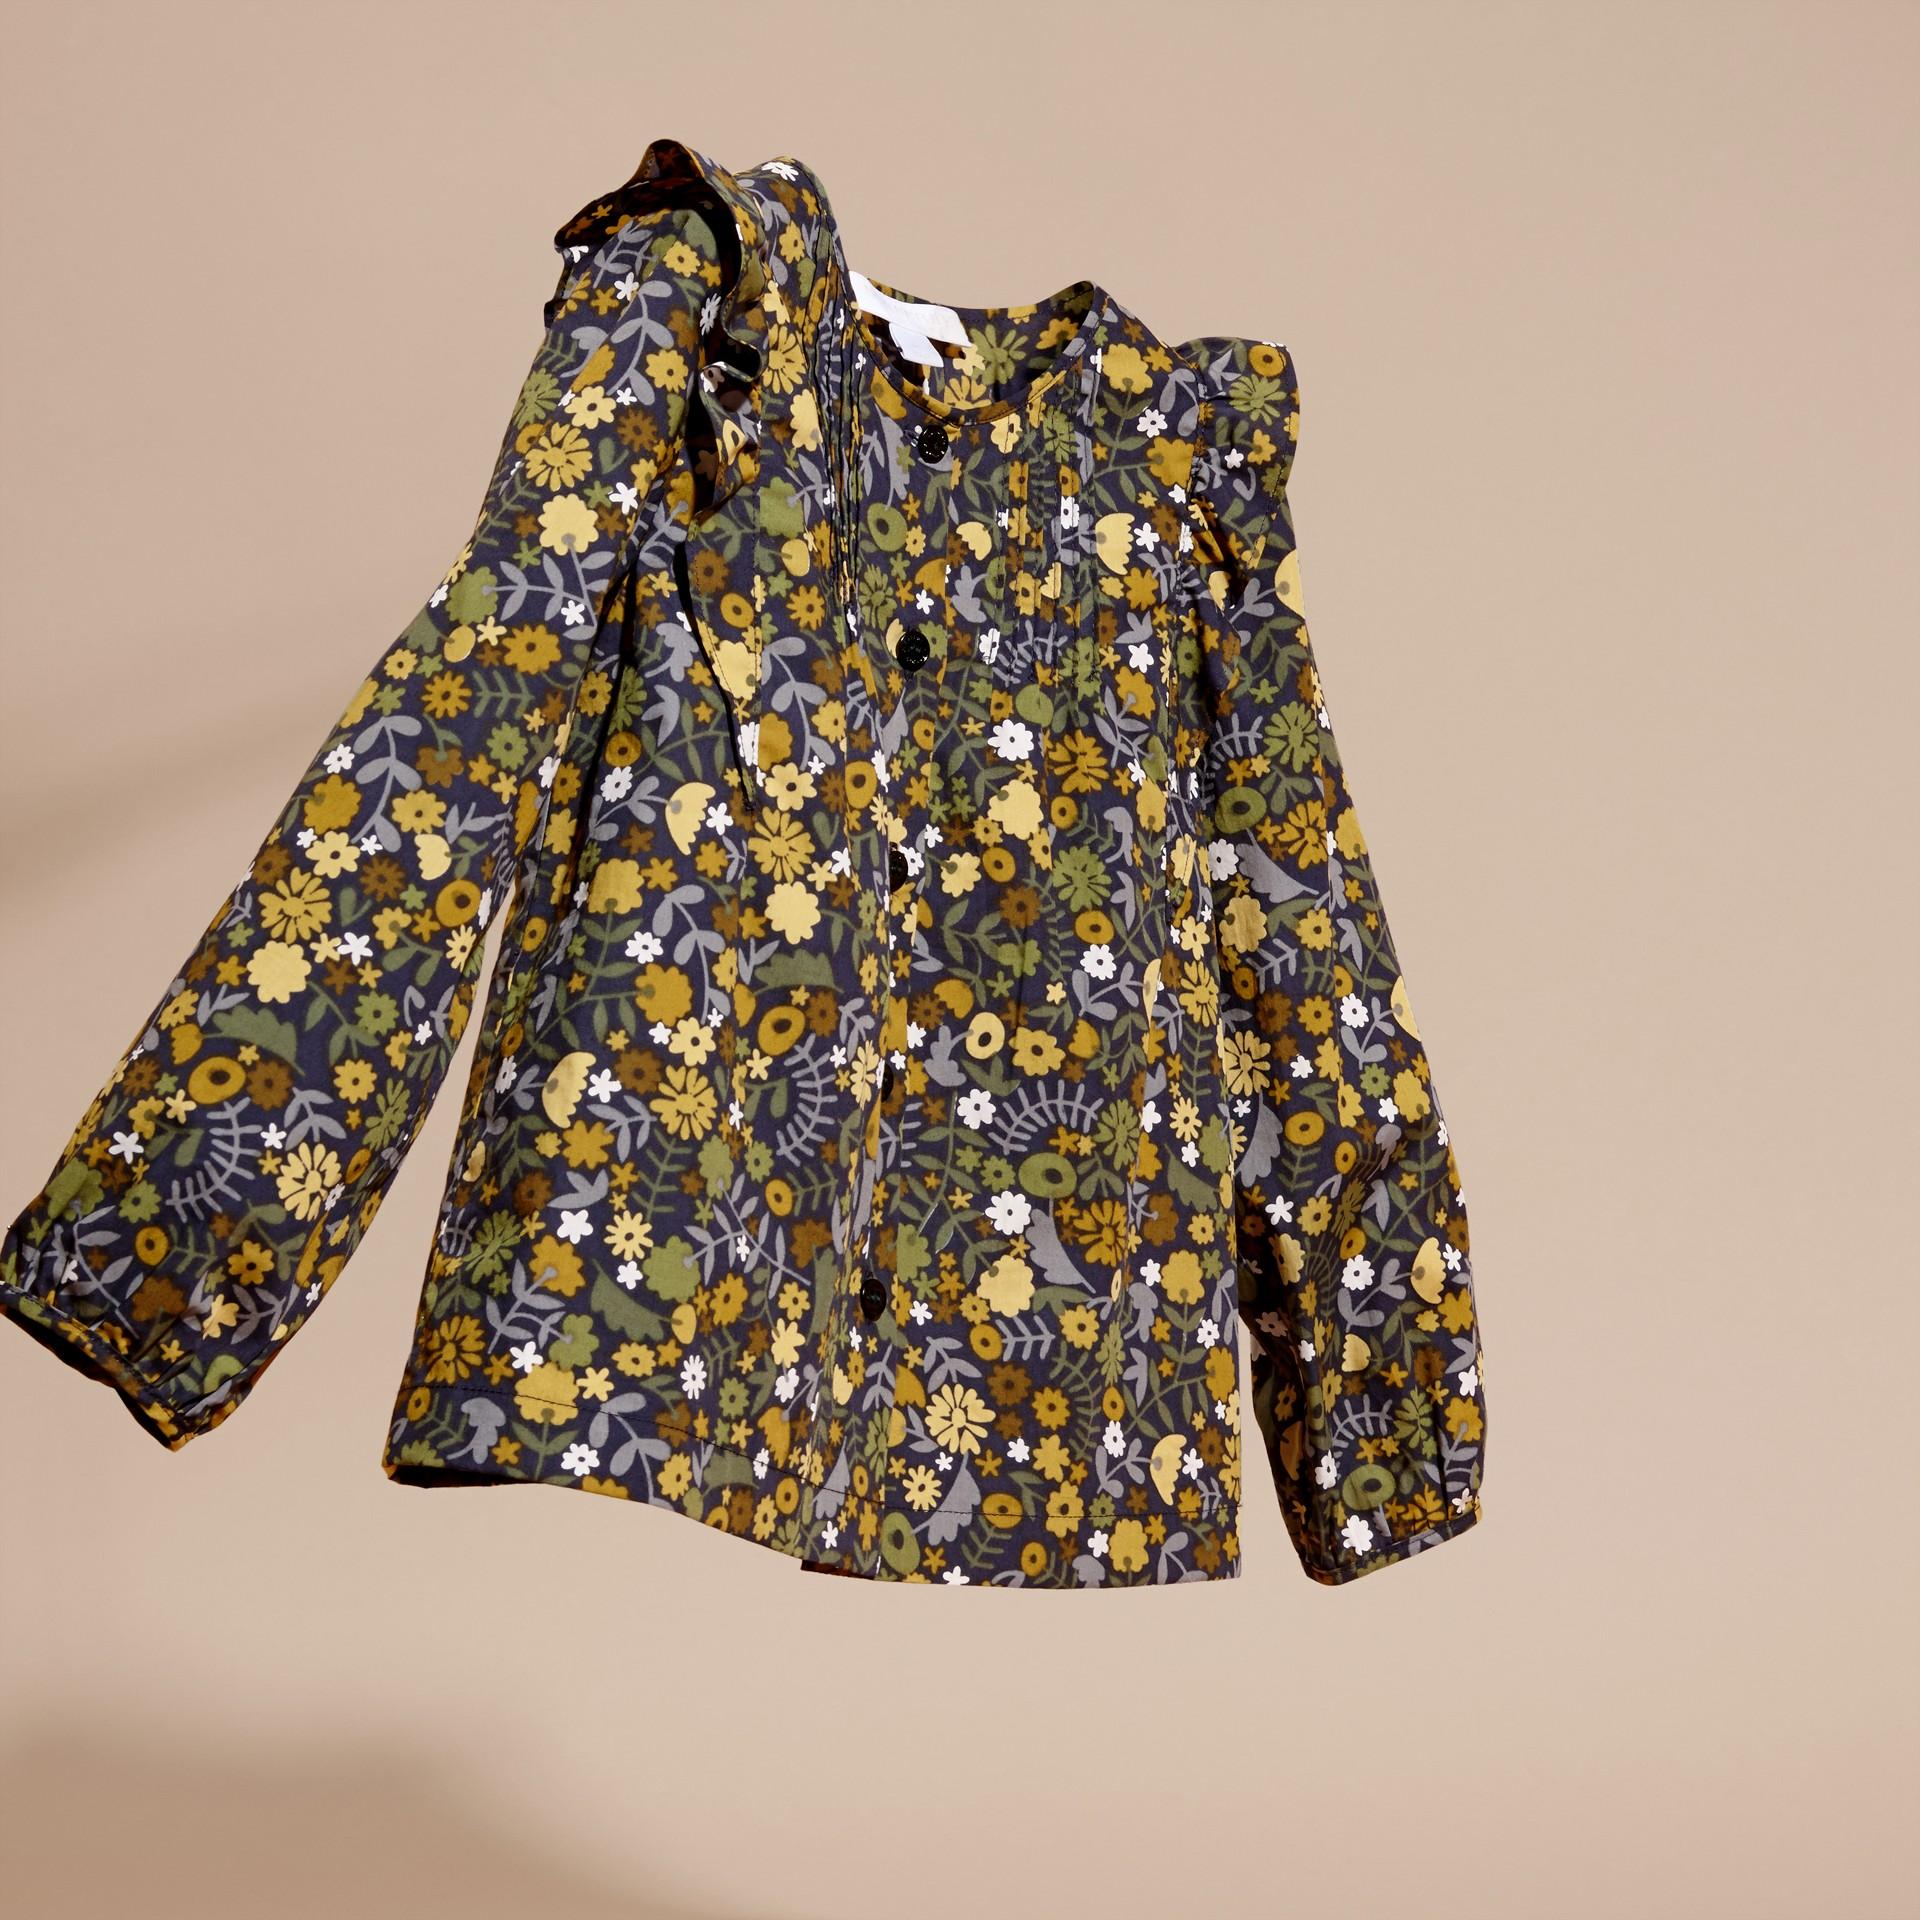 Rauchiges citrinfarben Bluse aus Baumwolle mit floralem Druck und Rüschendetail Rauchiges Citrinfarben - Galerie-Bild 3